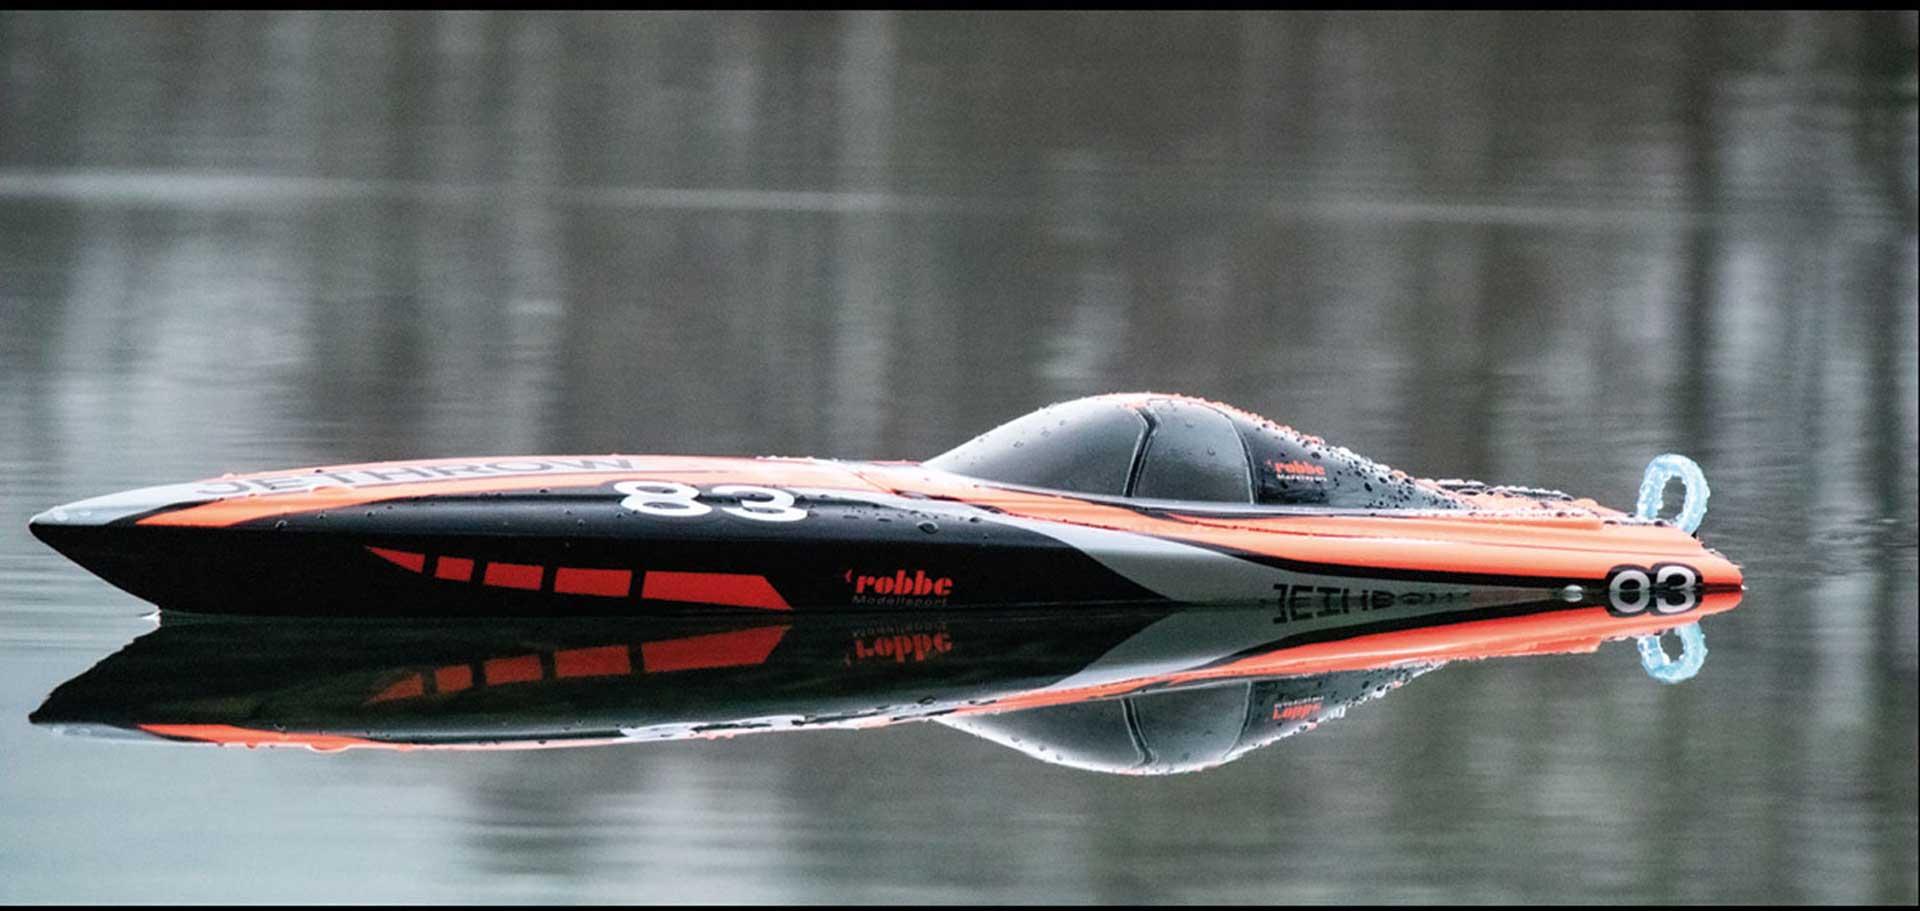 Robbe Modellsport JETHROW 500 ARTR BRUSHLESS